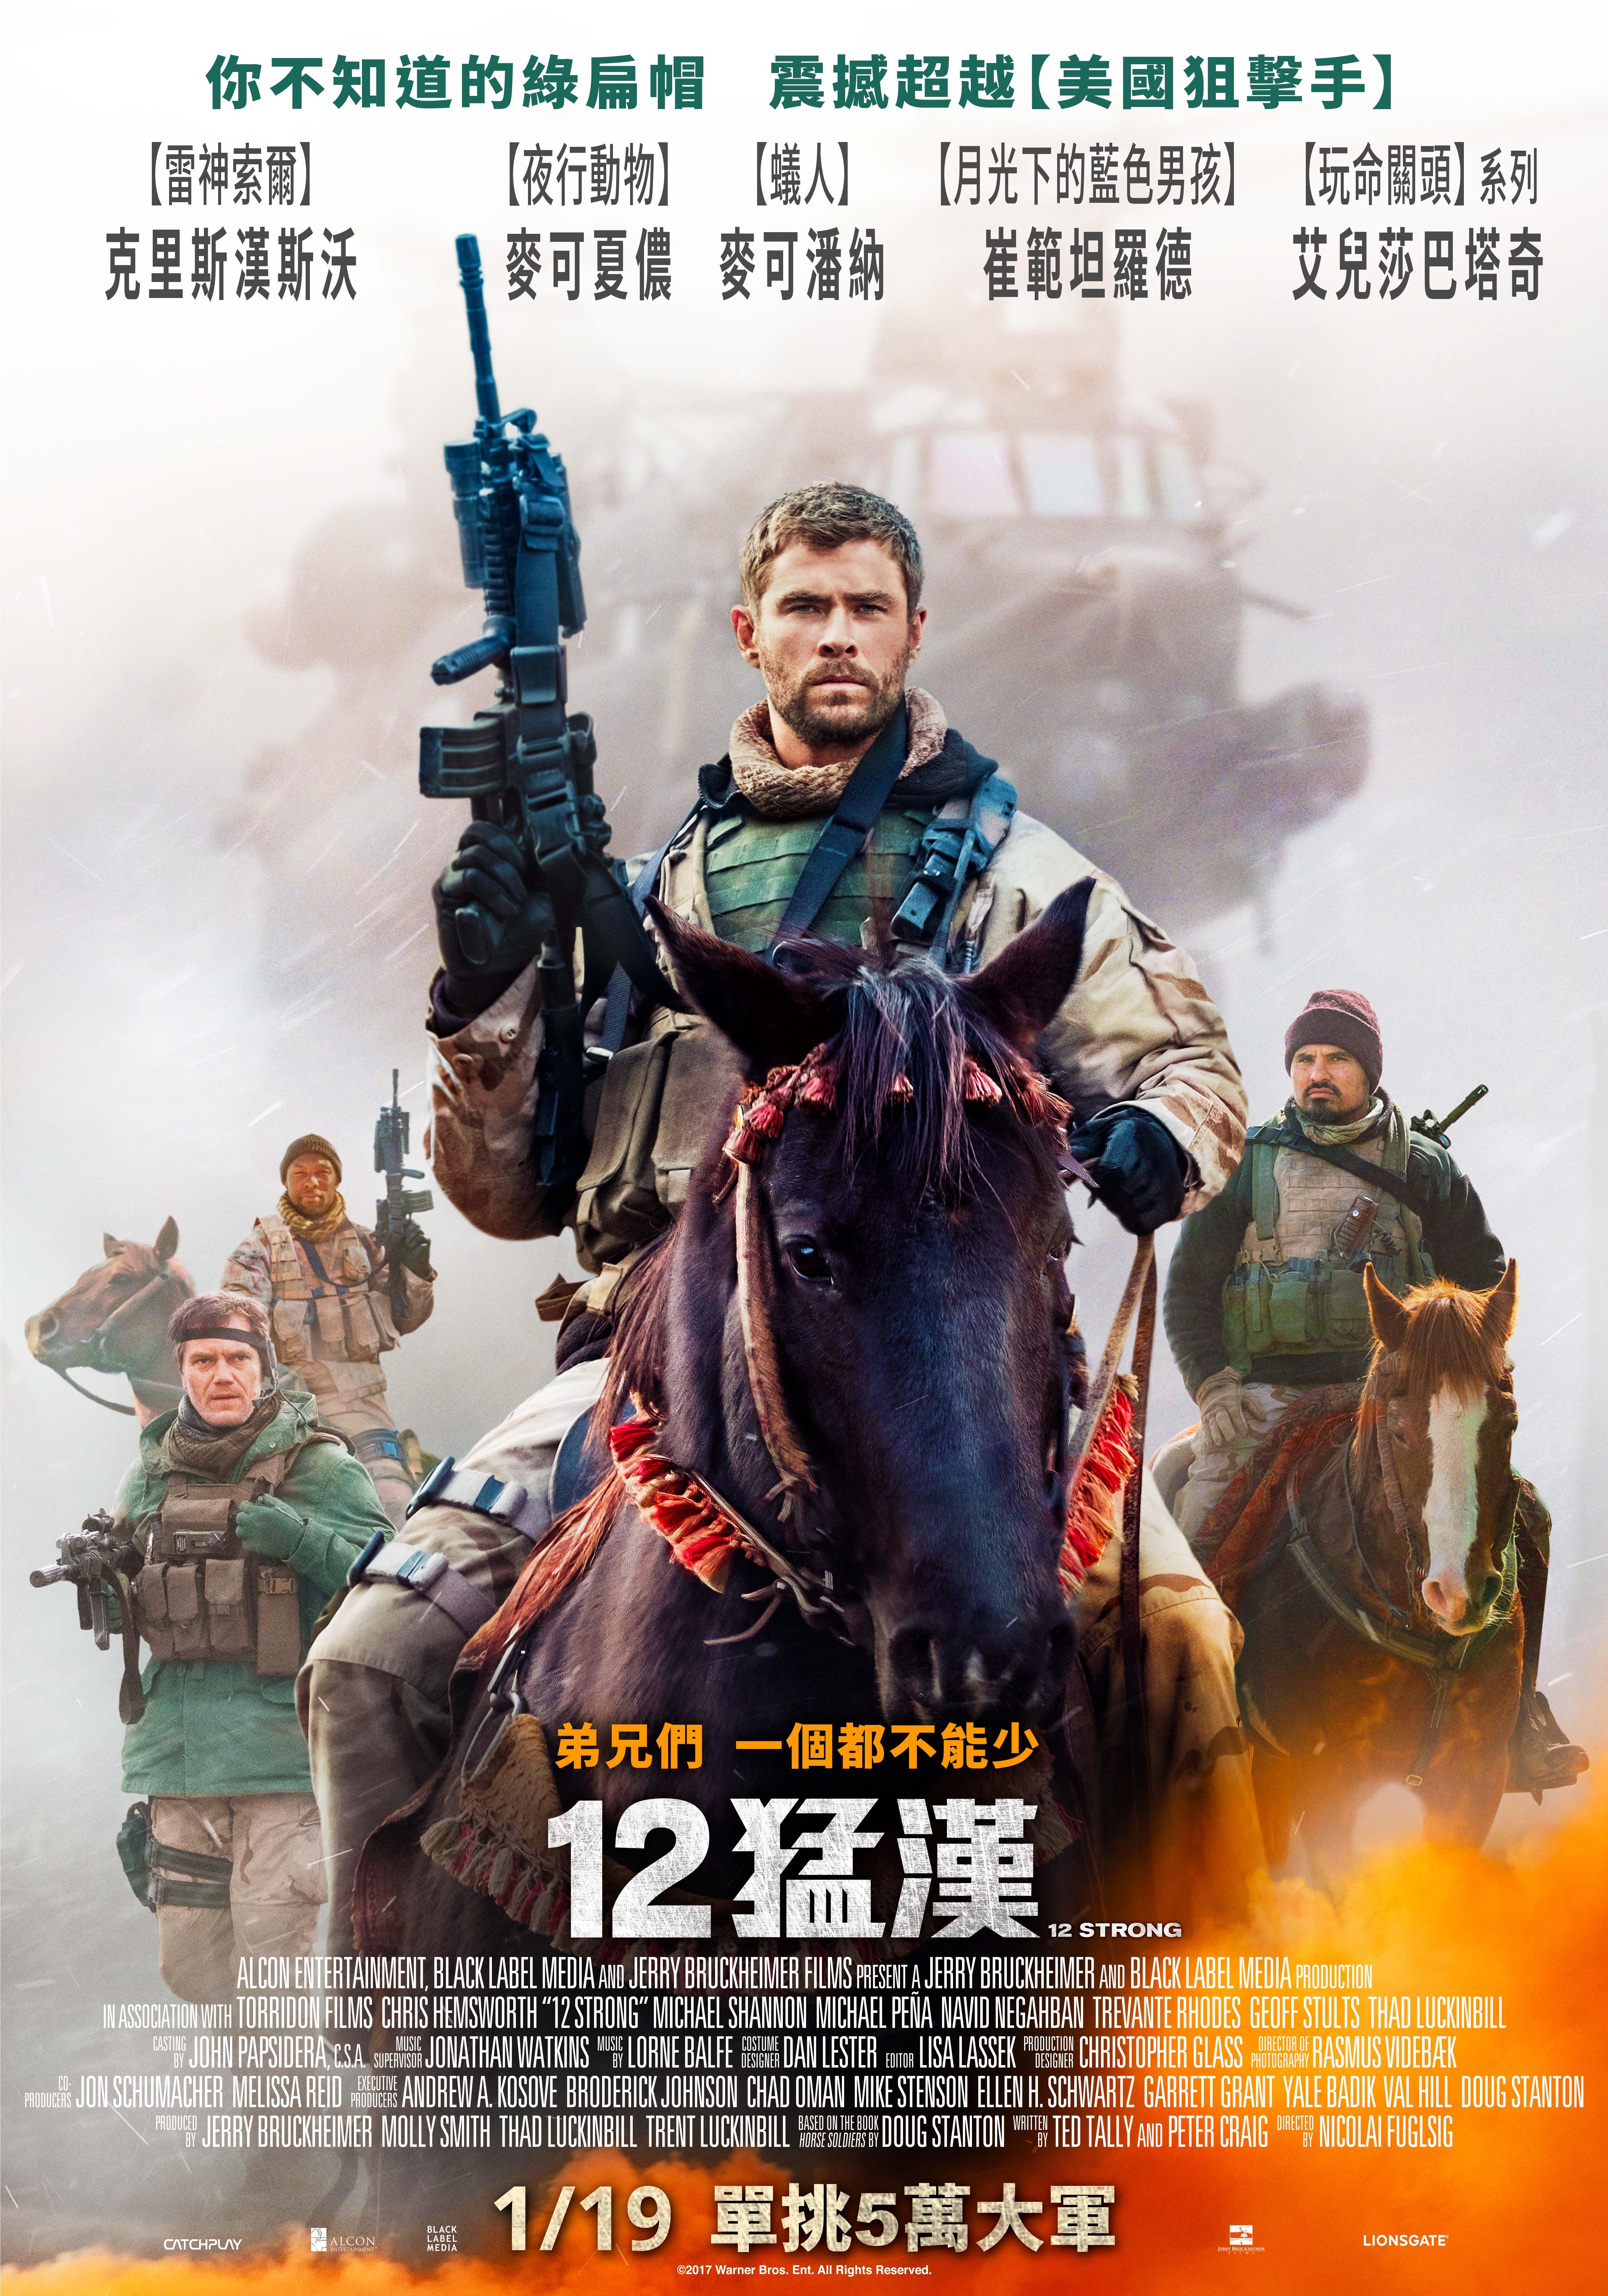 12猛漢 – 12 Strong